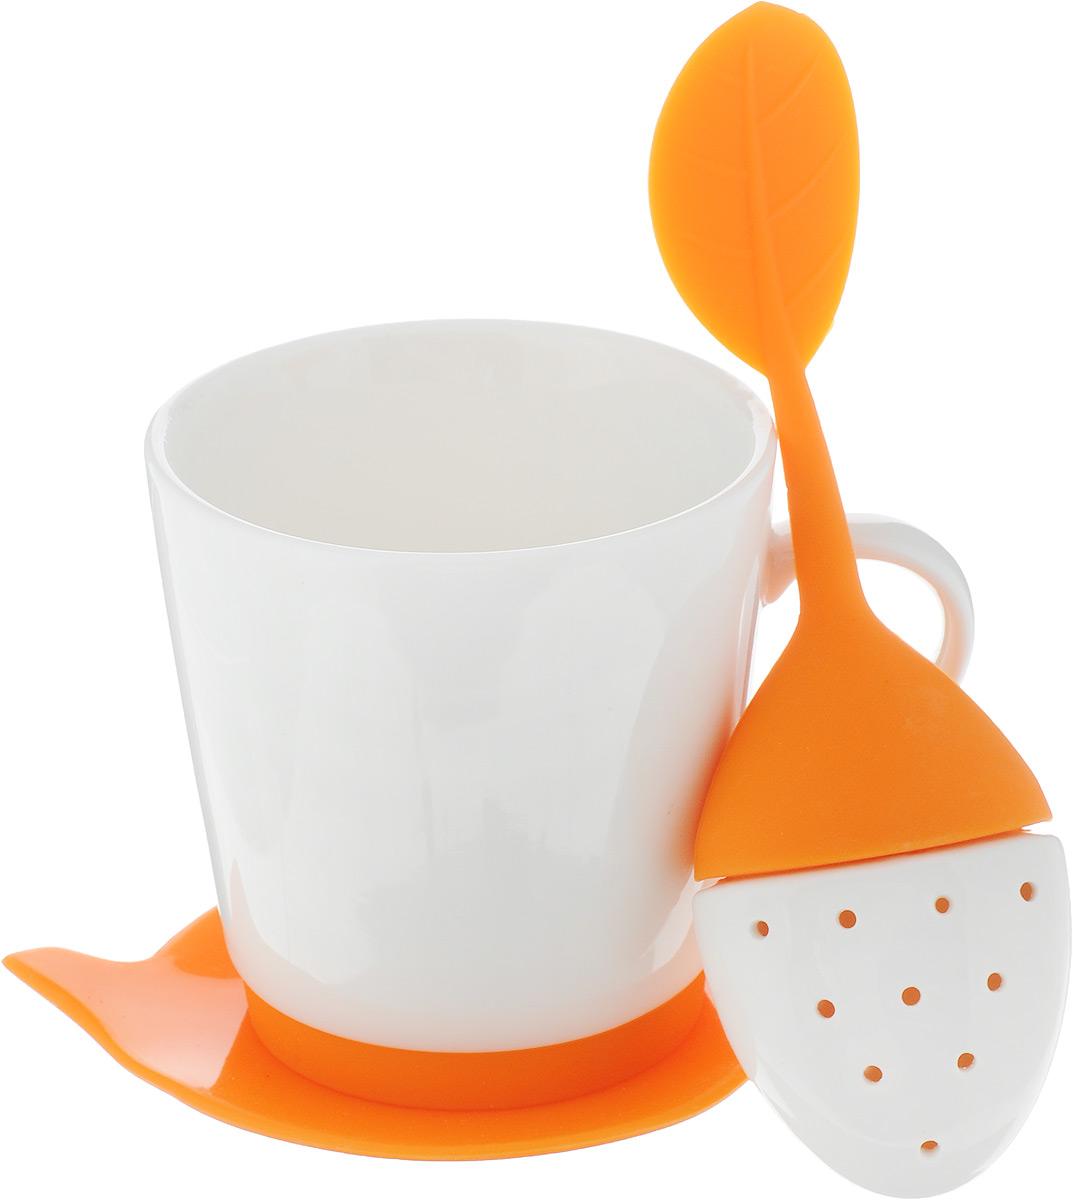 Набор чайный Oursson, цвет: оранжевый, 3 предмета115510Набор для чая Oursson состоит из кружки, ситечка и подставки для чайного пакетика. Ситечко и подставка выполнены из экологически чистого силикона в форме ягодки и чайника. Кружка выполнена из высококачественной керамики с глазурованным покрытием. Основание кружки дополнено силиконовой вставкой. Такой чайный набор прекрасно оформит сервировку стола к чаепитию. Можно мыть в посудомоечной машине и использовать в СВЧ-печи. Объем кружки: 200 мл. Диаметр кружки (по верхнему краю): 8 см. Высота кружки: 8,5 см. Размер подставки: 12,5 х 10,5 х 1 см. Размер ситечка: 17 х 5,5 х 1,5 см.